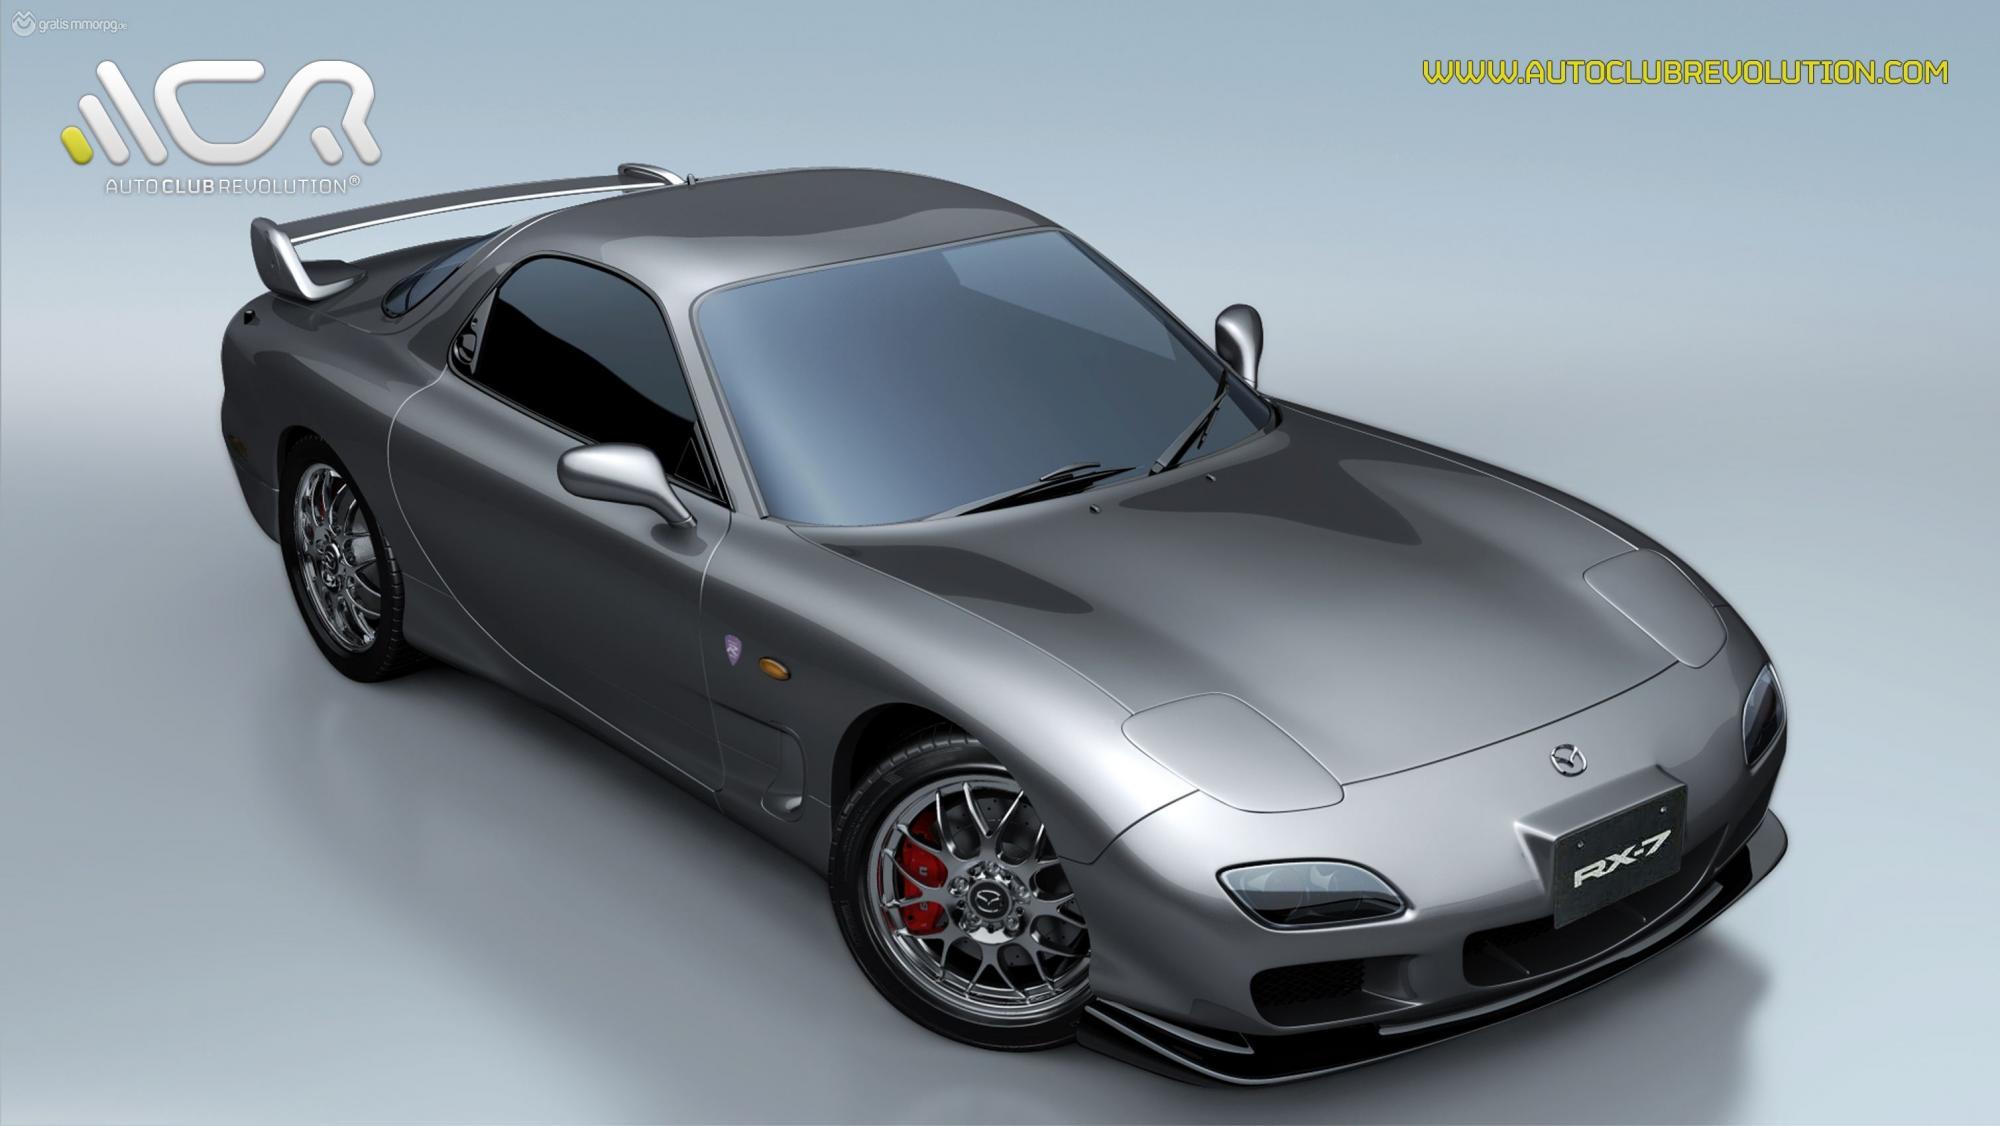 Klicke auf die Grafik für eine größere AnsichtName:ACR - Mazda RX-7 Spirit R Type-A.jpgHits:63Größe:129,2 KBID:5859